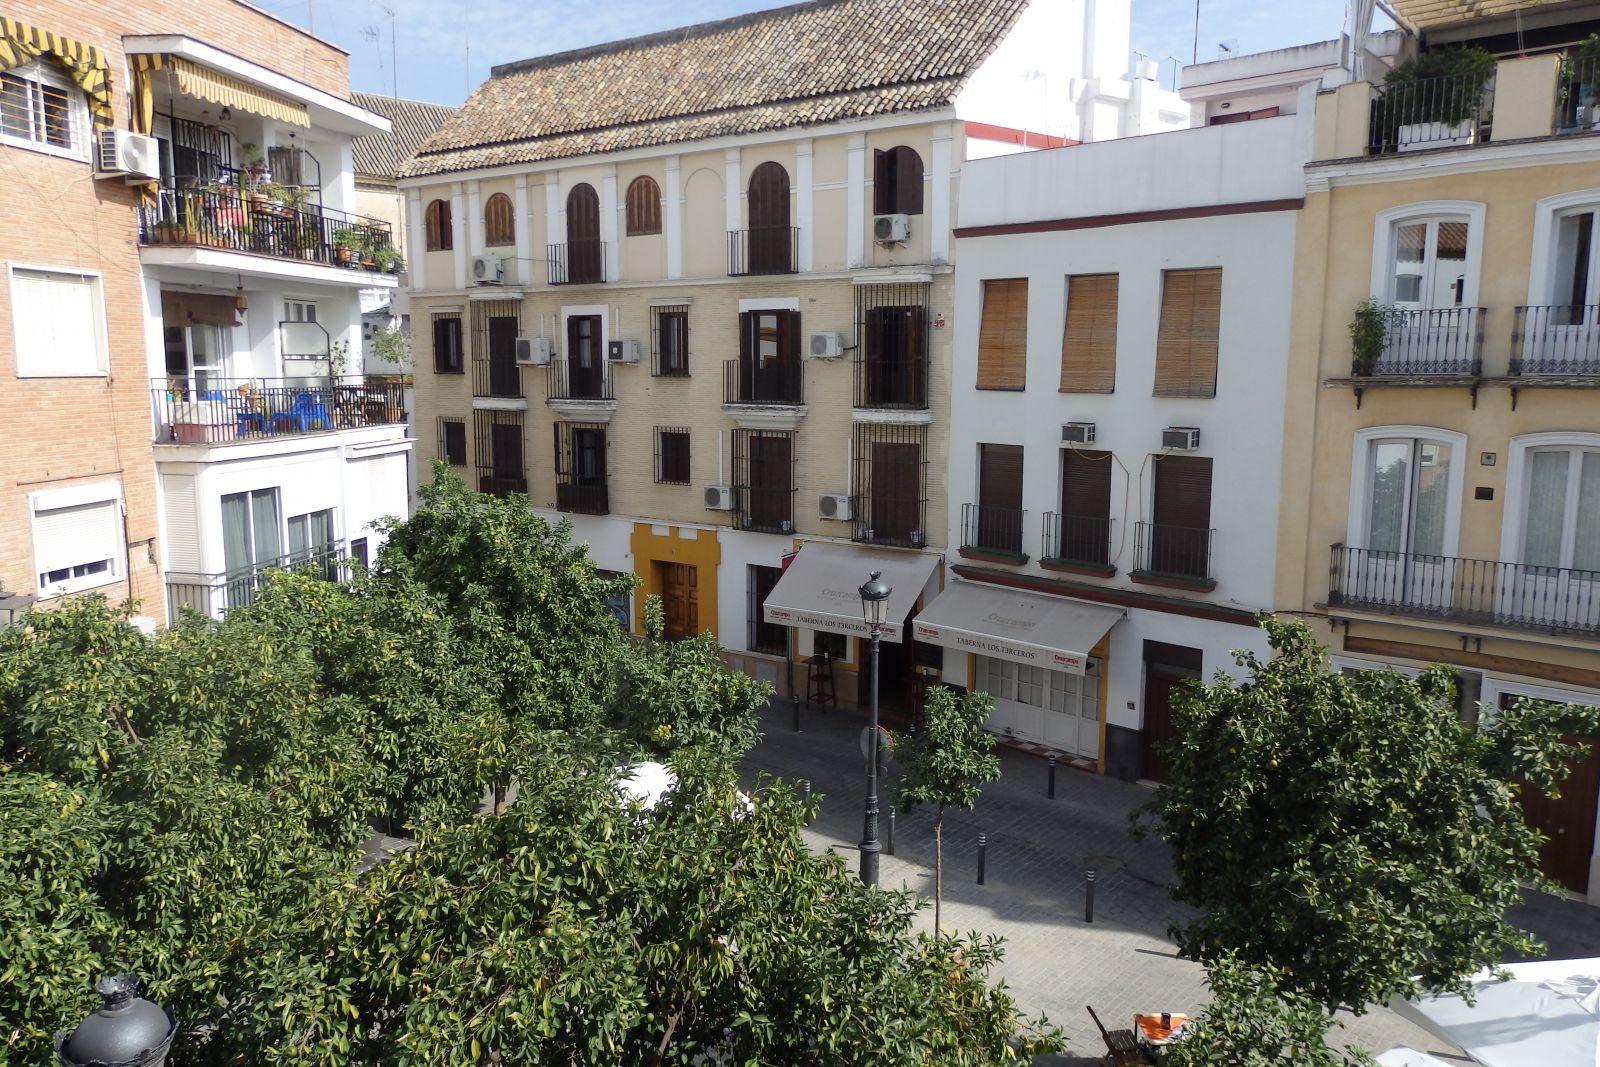 Rojomorgan, Seville